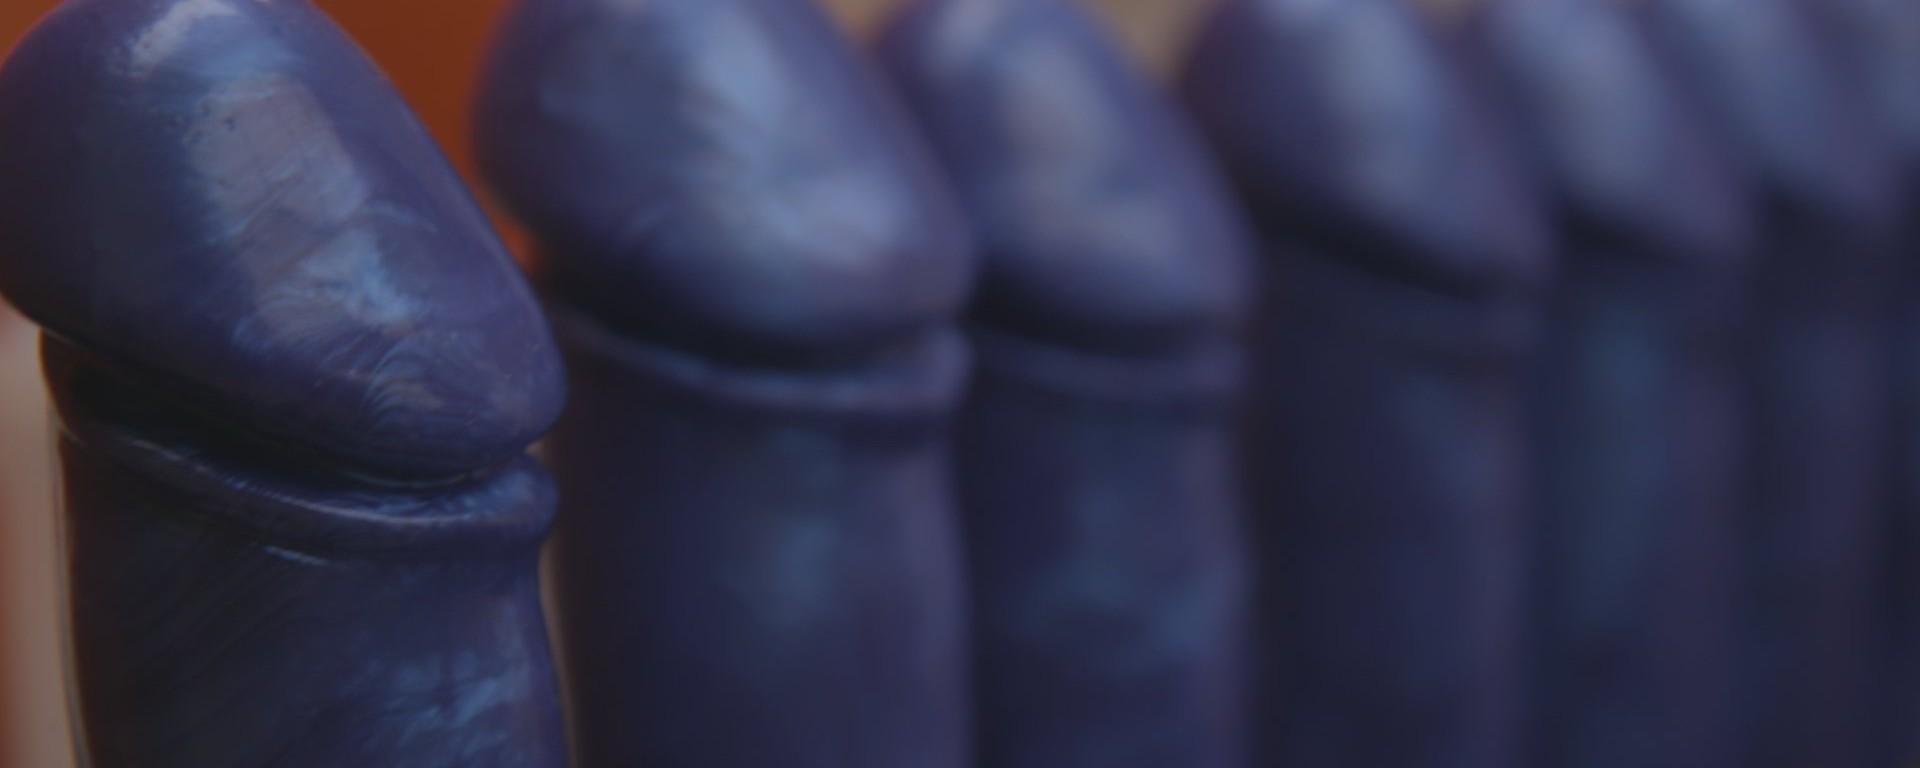 probleme de potență a erecției tip care- și ține penisul